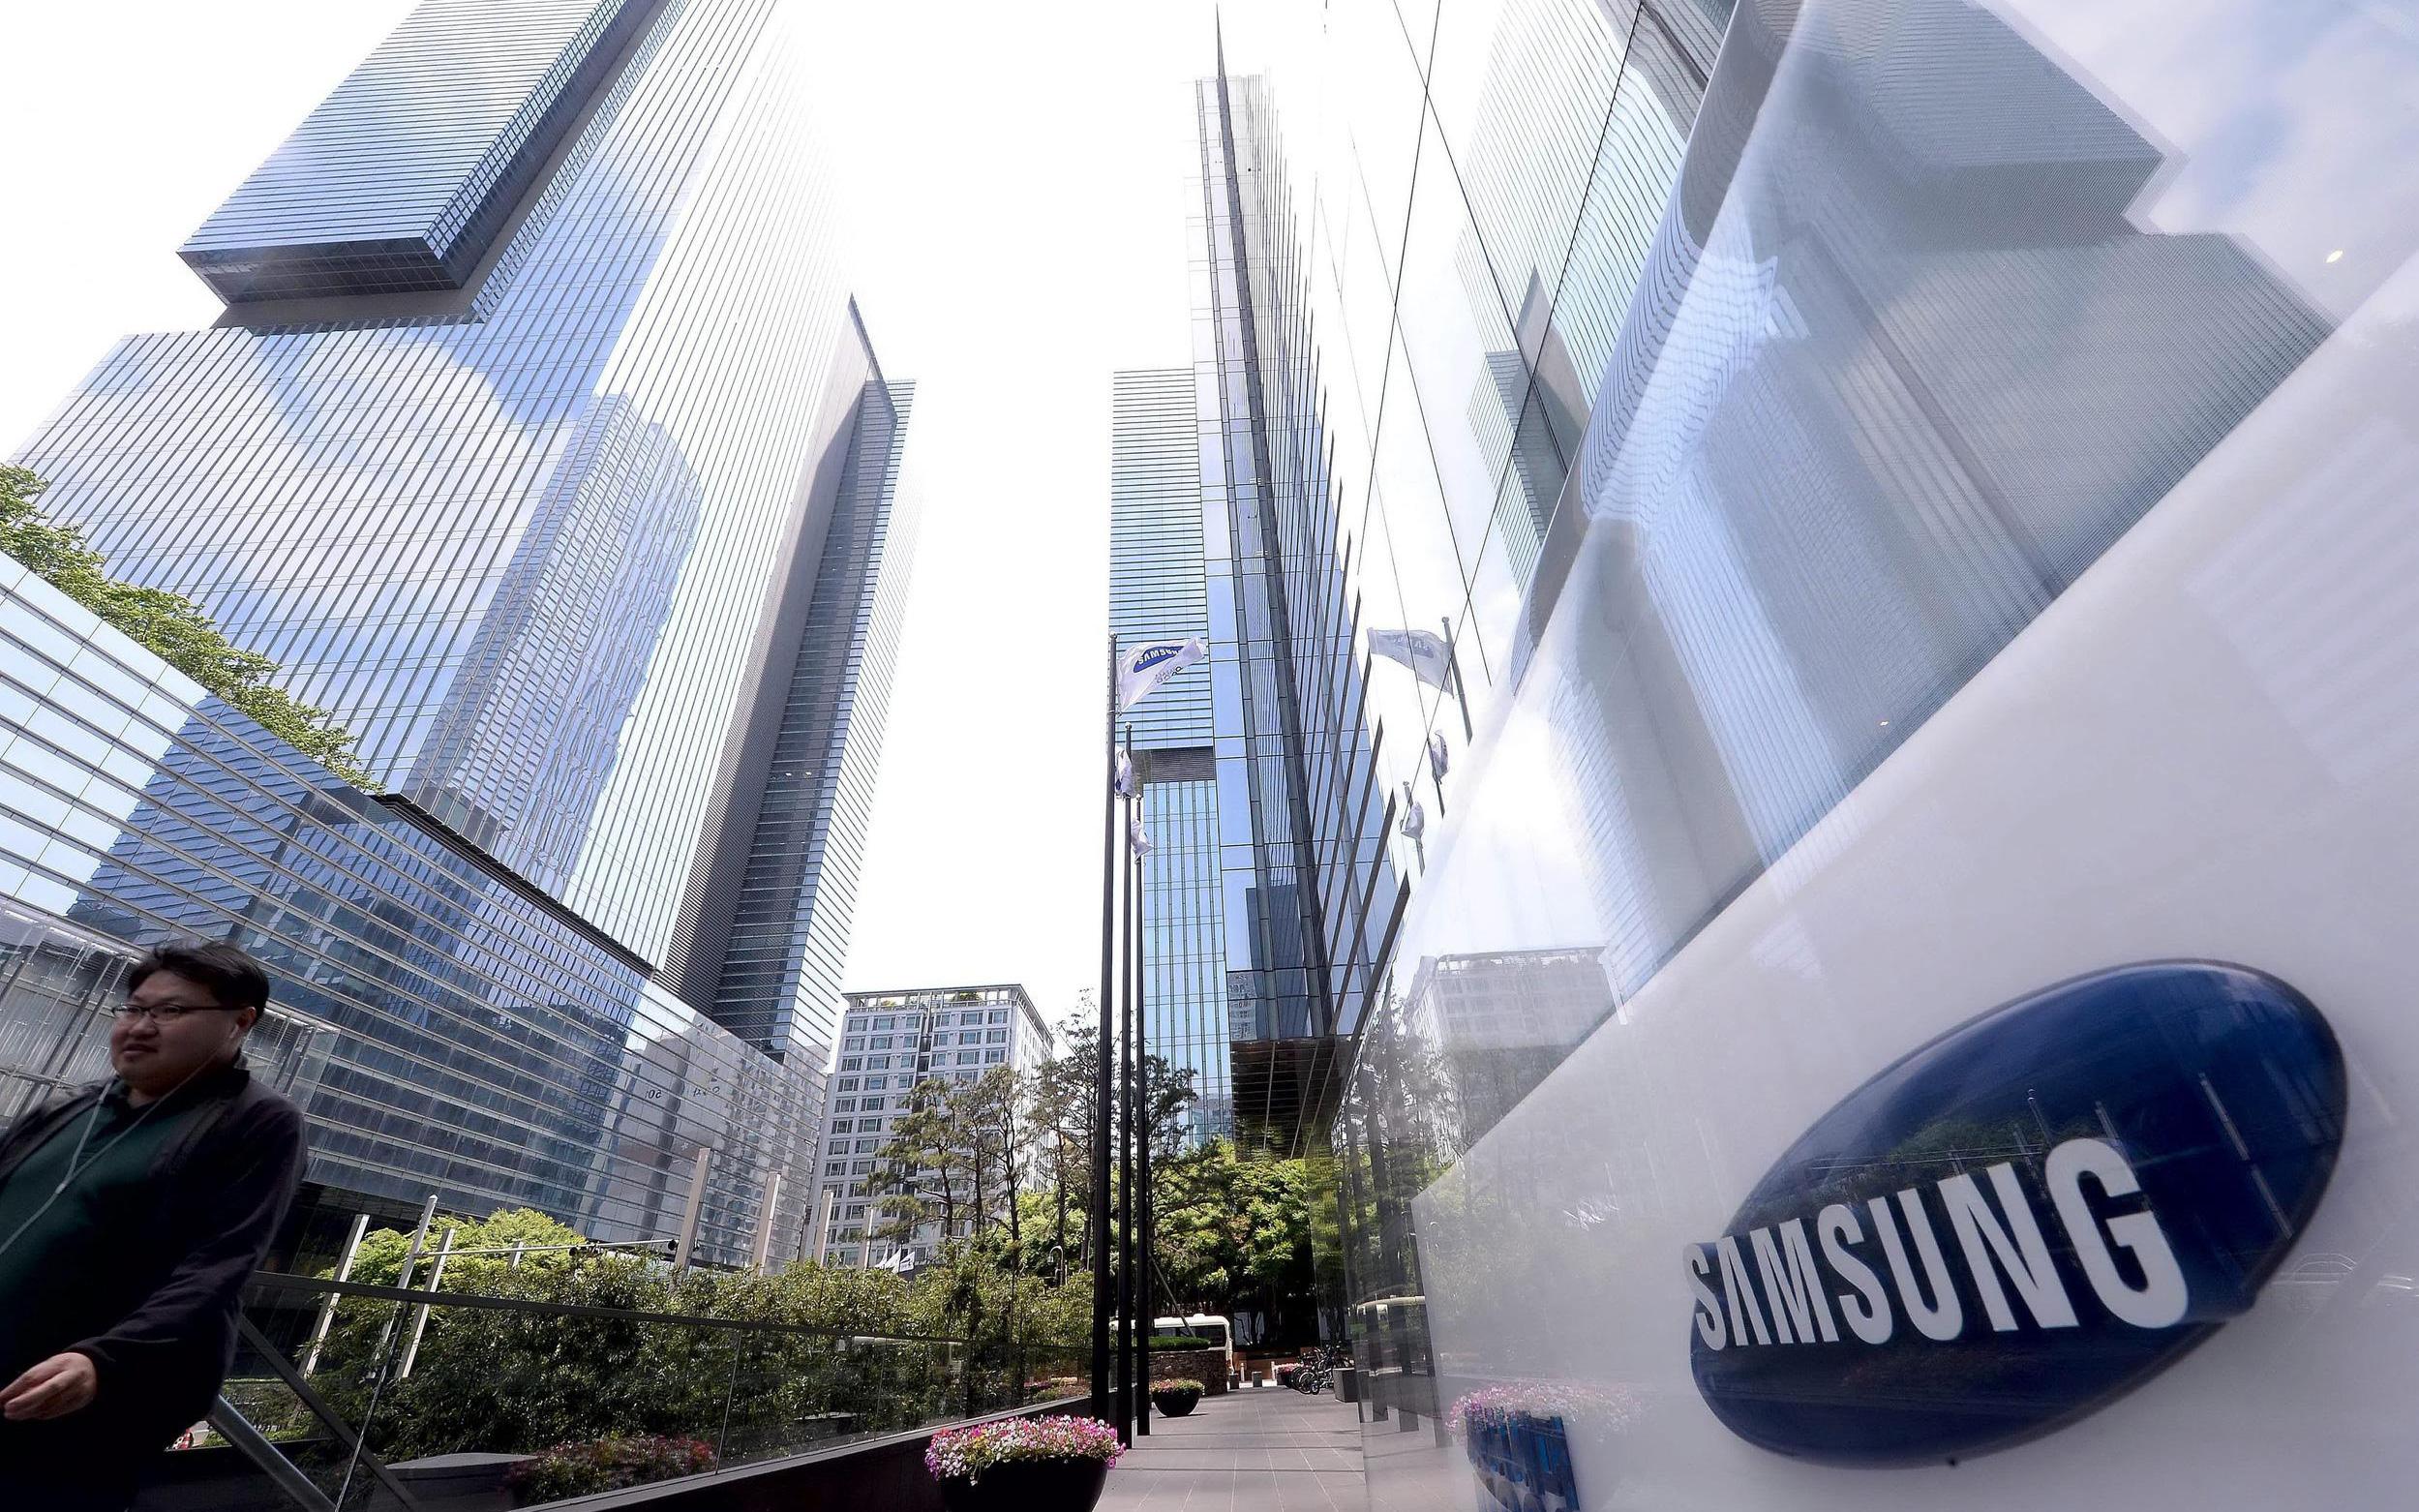 Nhờ đối thủ gặp khó khăn, Samsung báo lãi kỷ lục